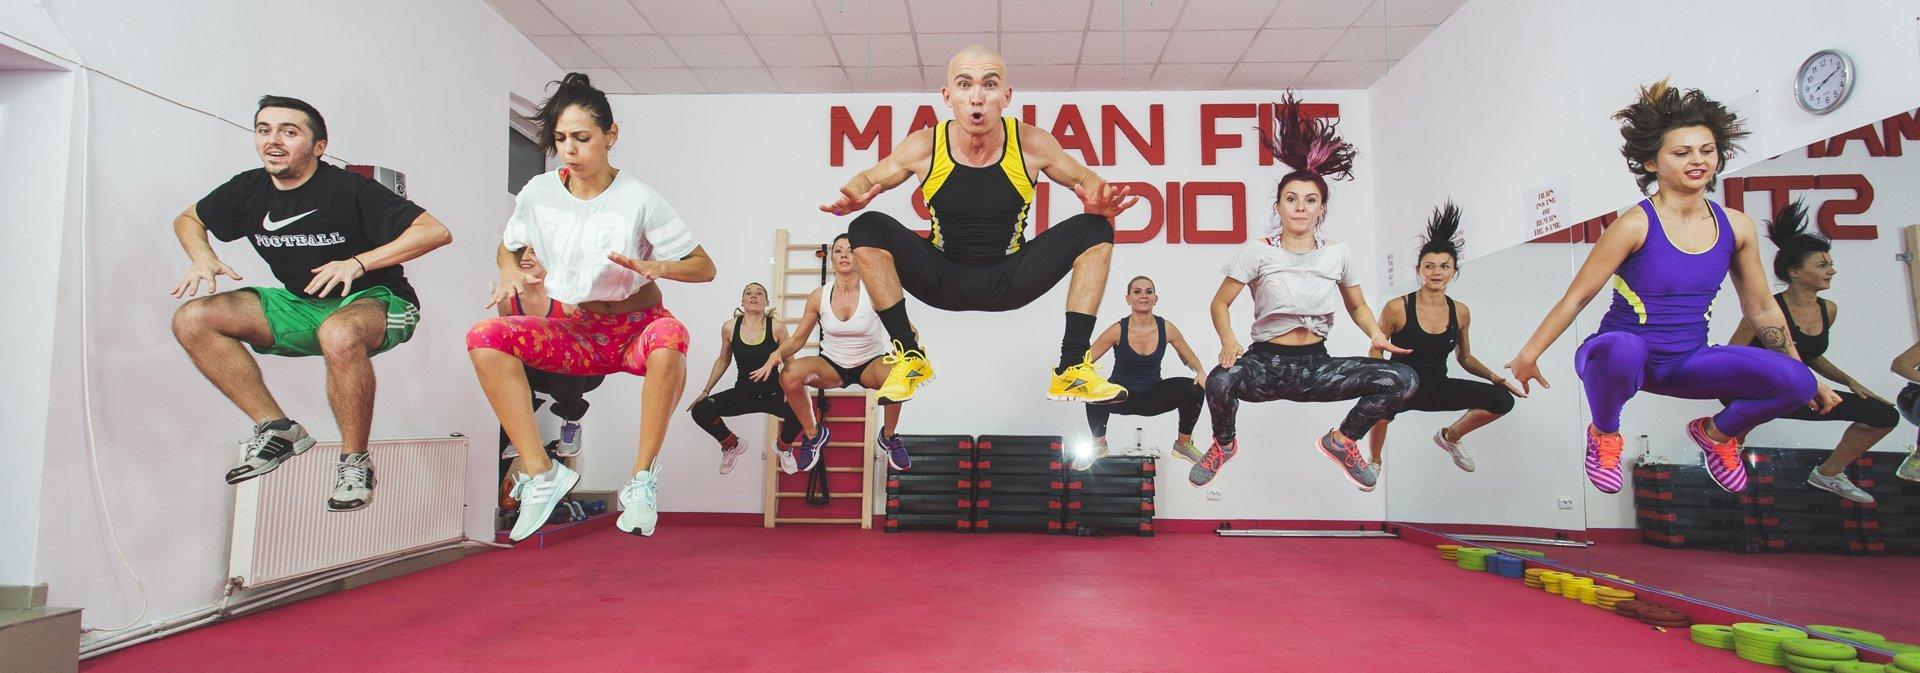 Marian Fit Studio, Iași